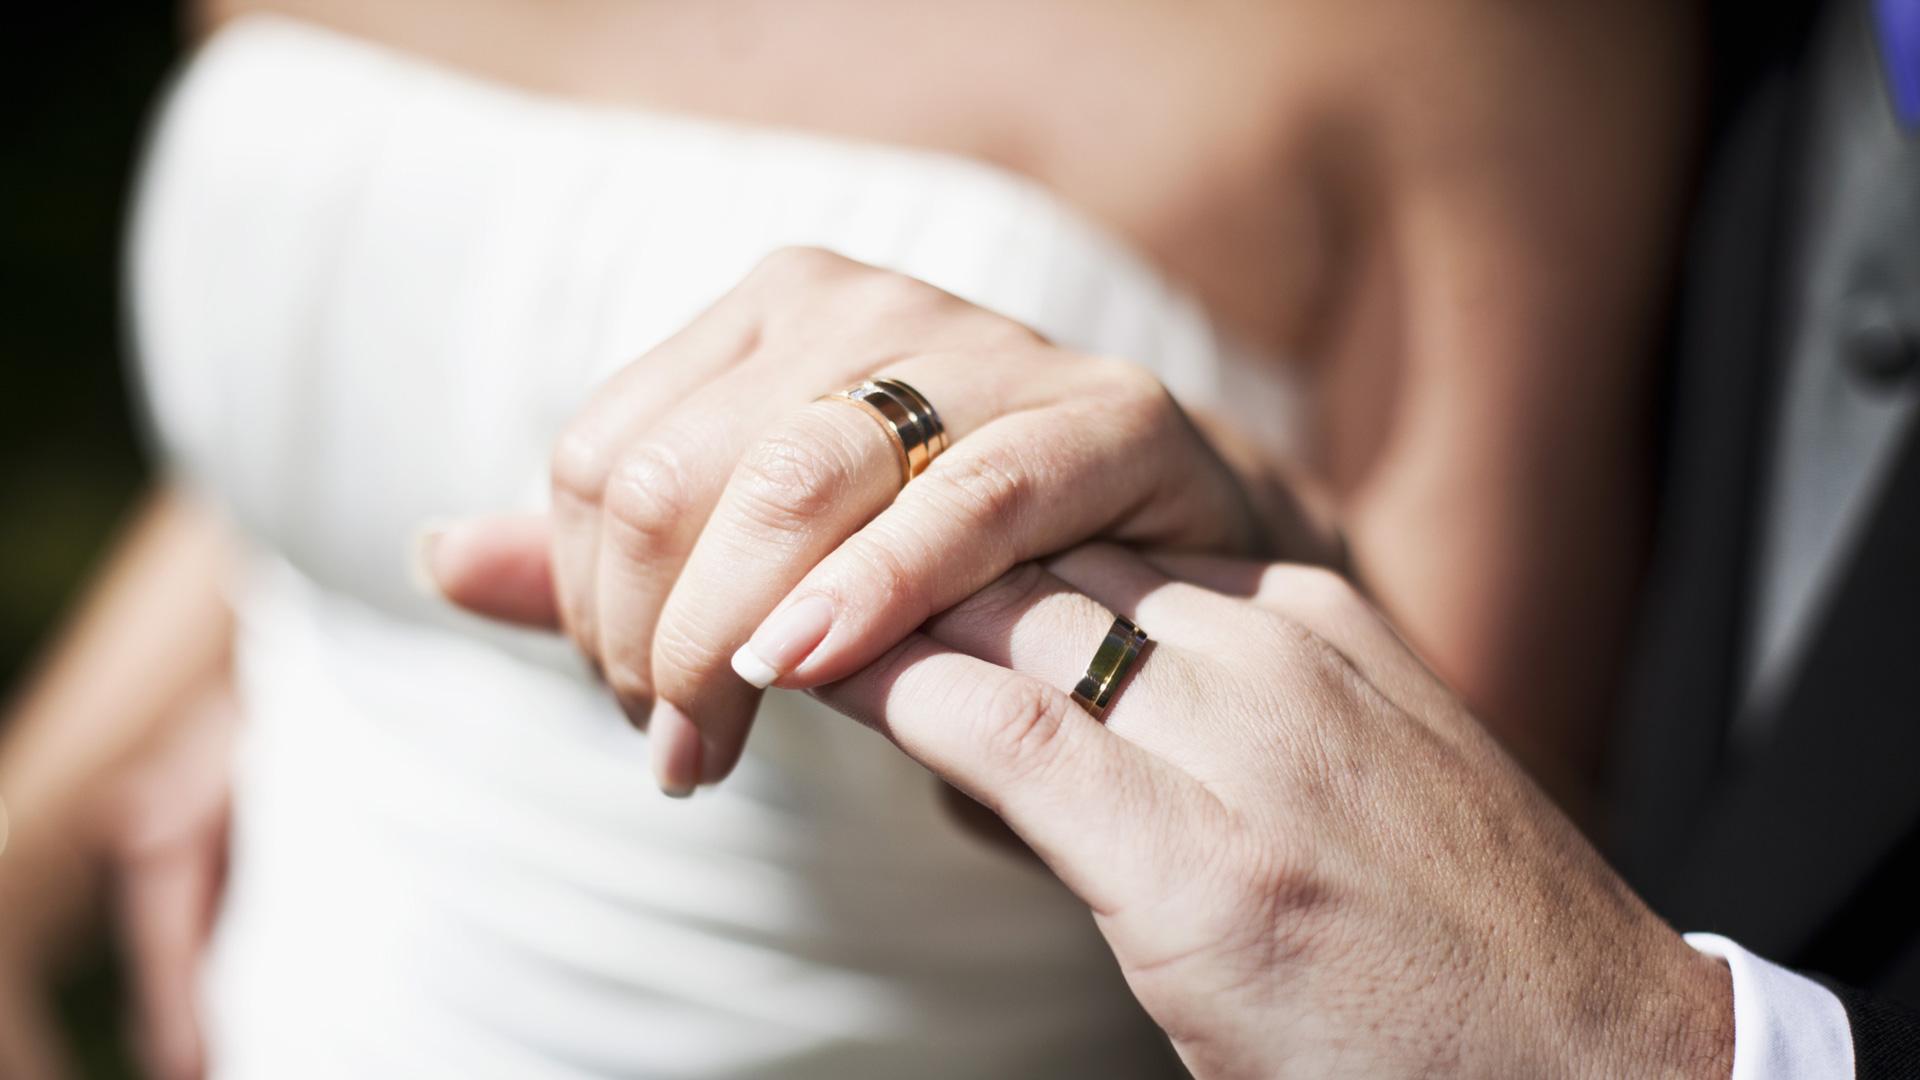 Christian dating rules reddit